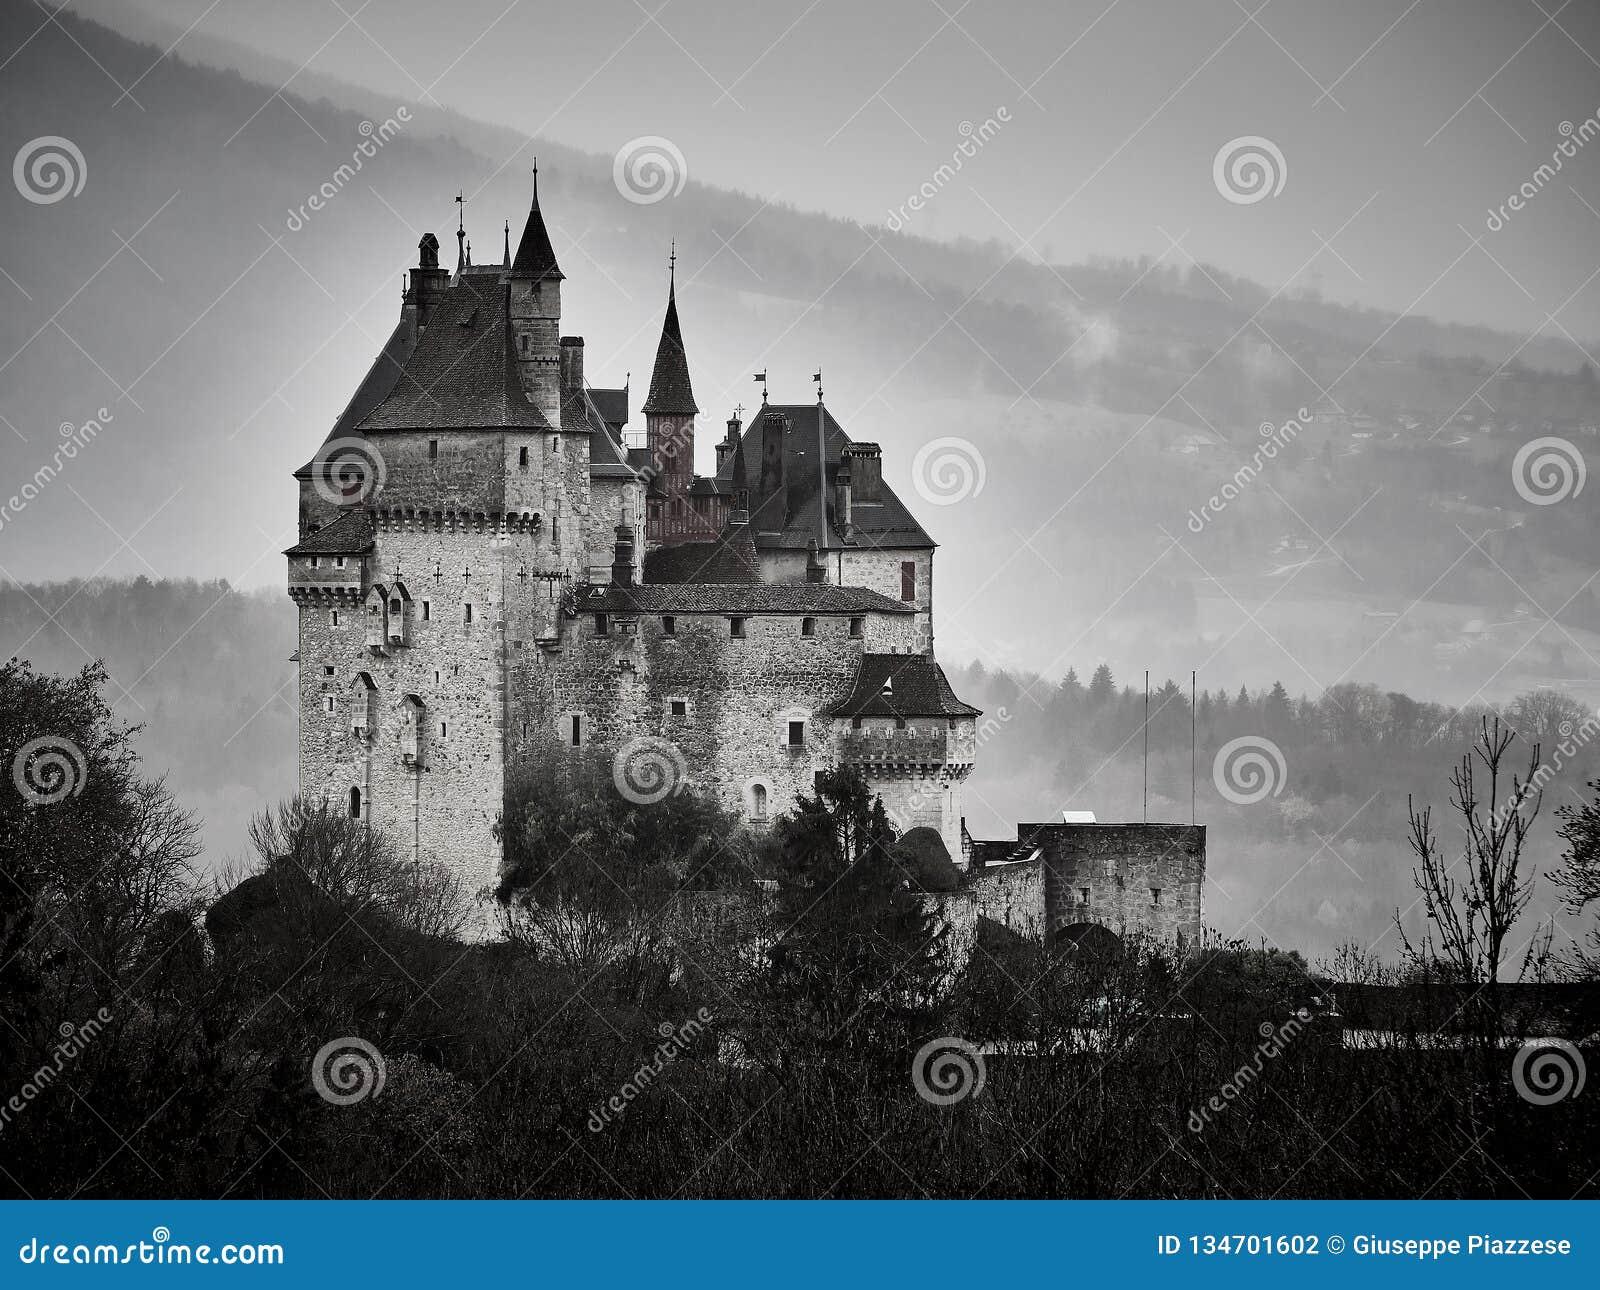 Schuss des Chateaus Menthon Bernhardiner, ein historisches Schloss nahe Annecy